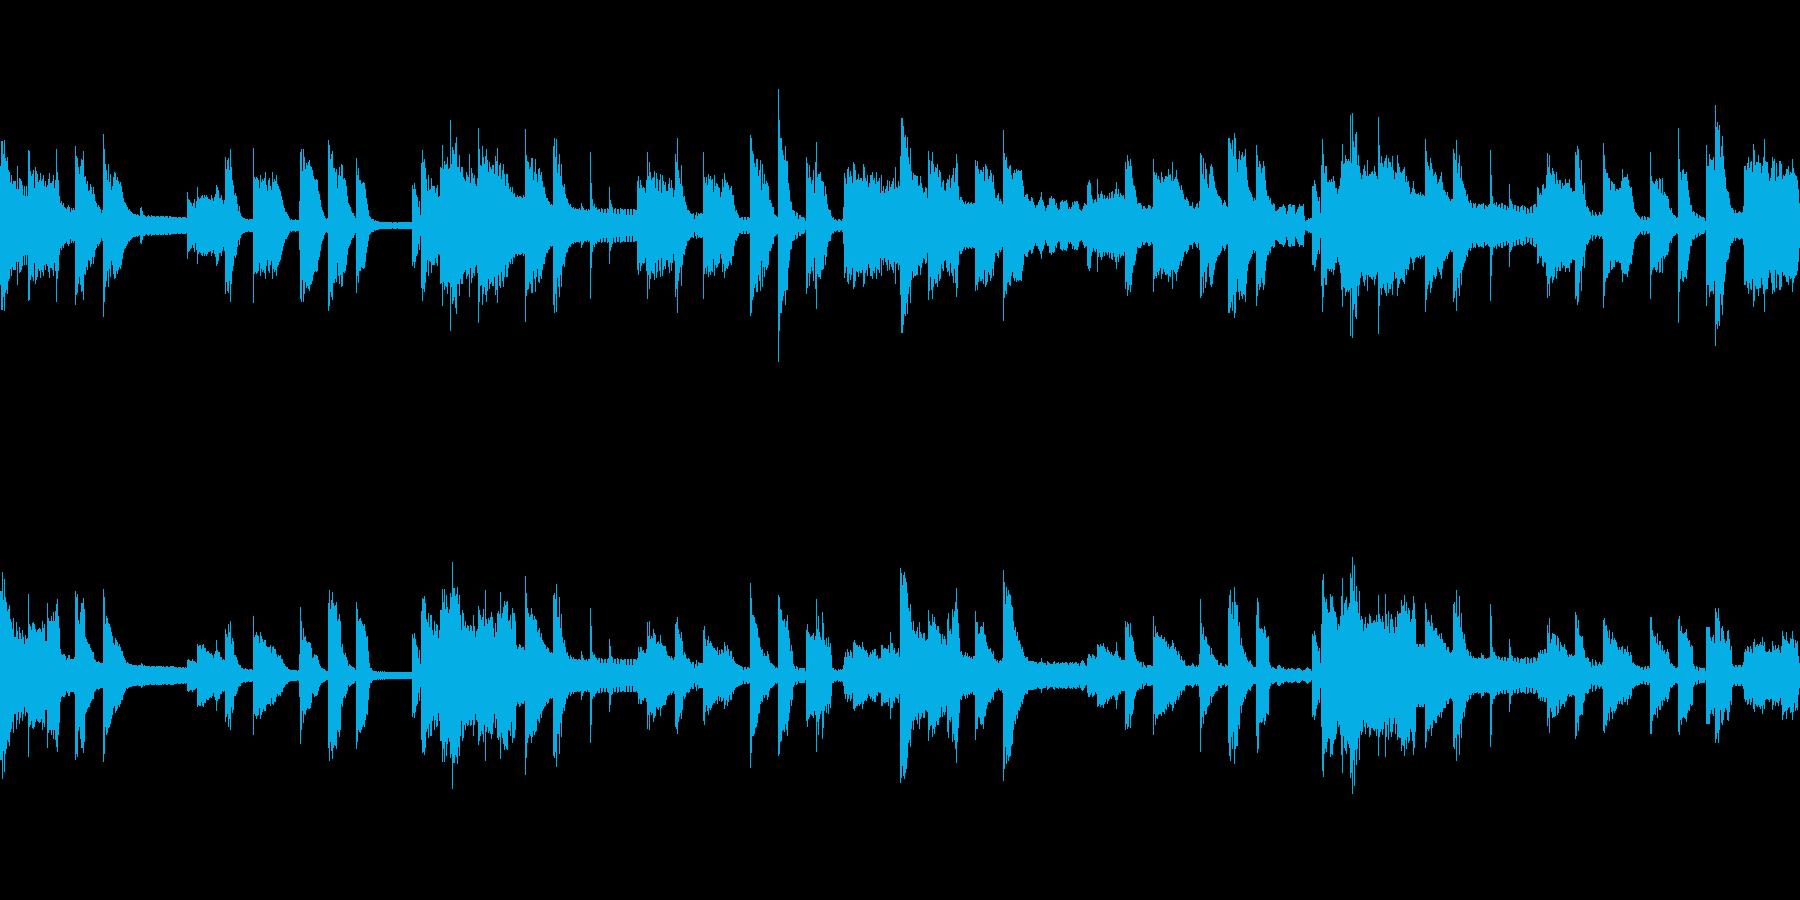 ピアノとオーボエのゆったりしたループ素材の再生済みの波形